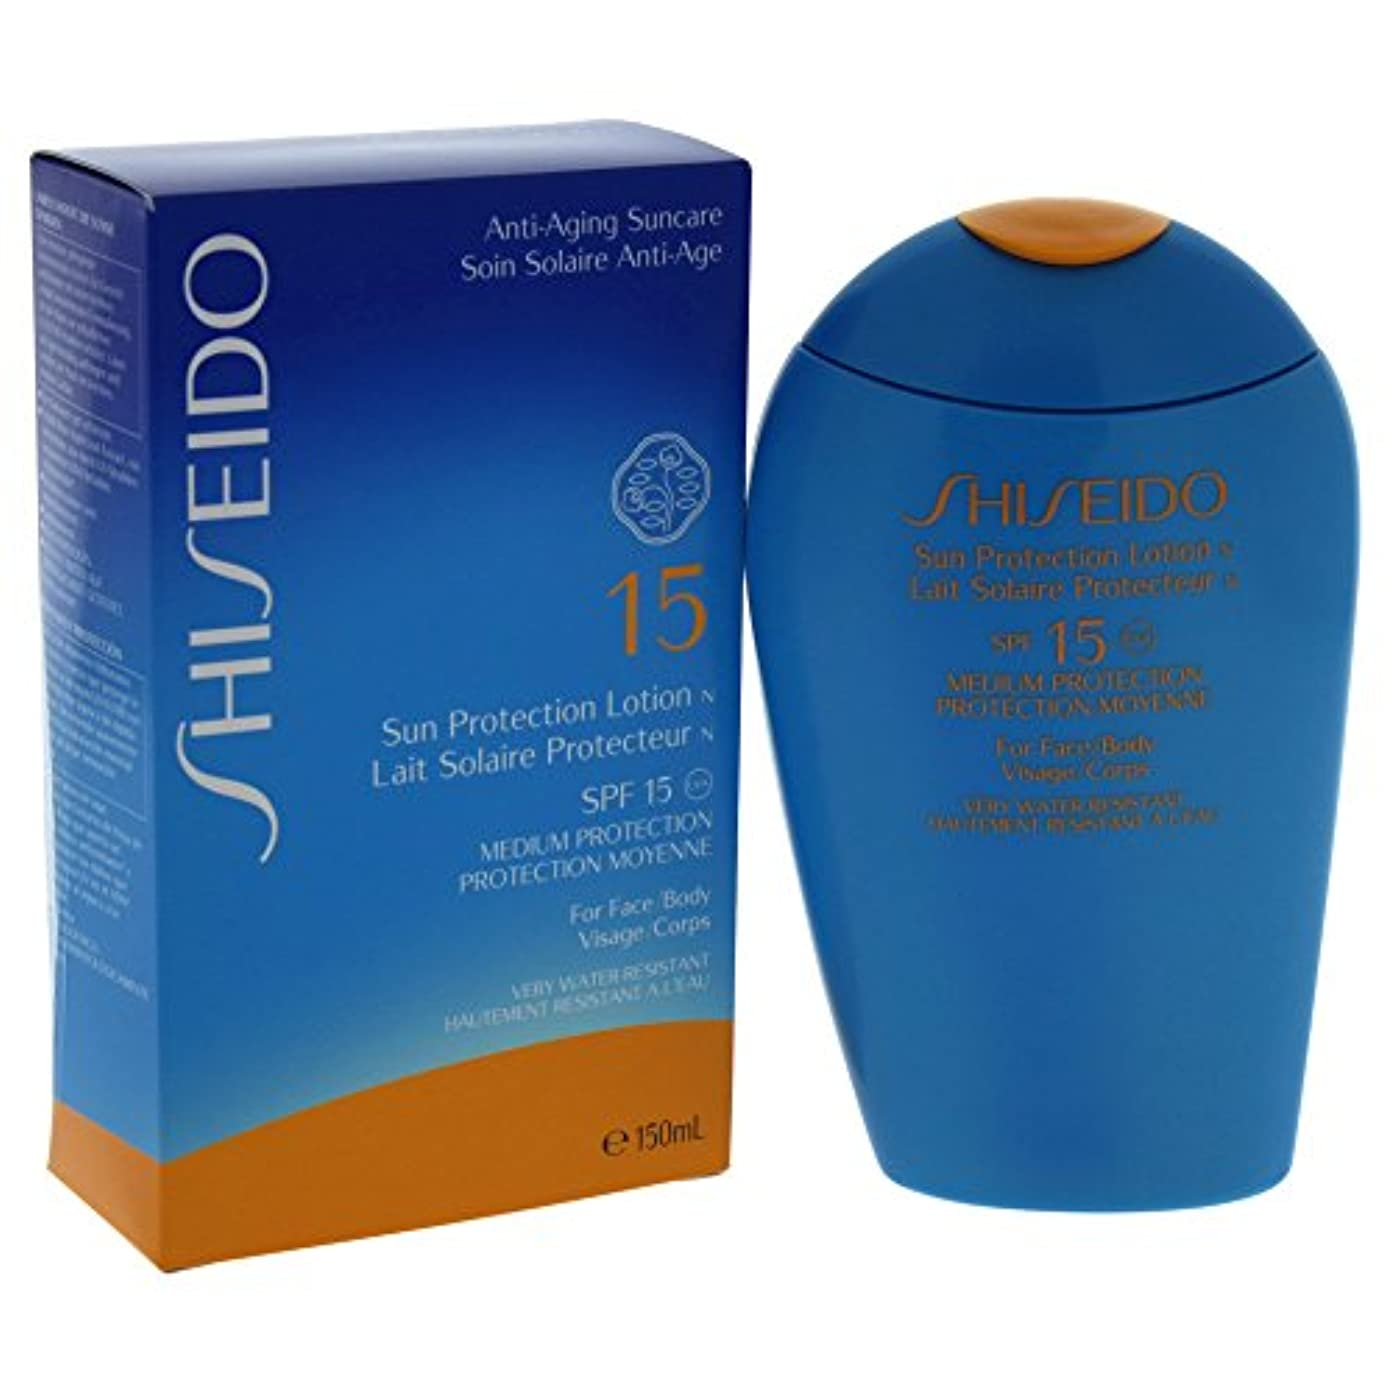 夢パラナ川契約した資生堂 Sun Protection Lotion N SPF 15 (For Face & Body) 150ml/5oz並行輸入品